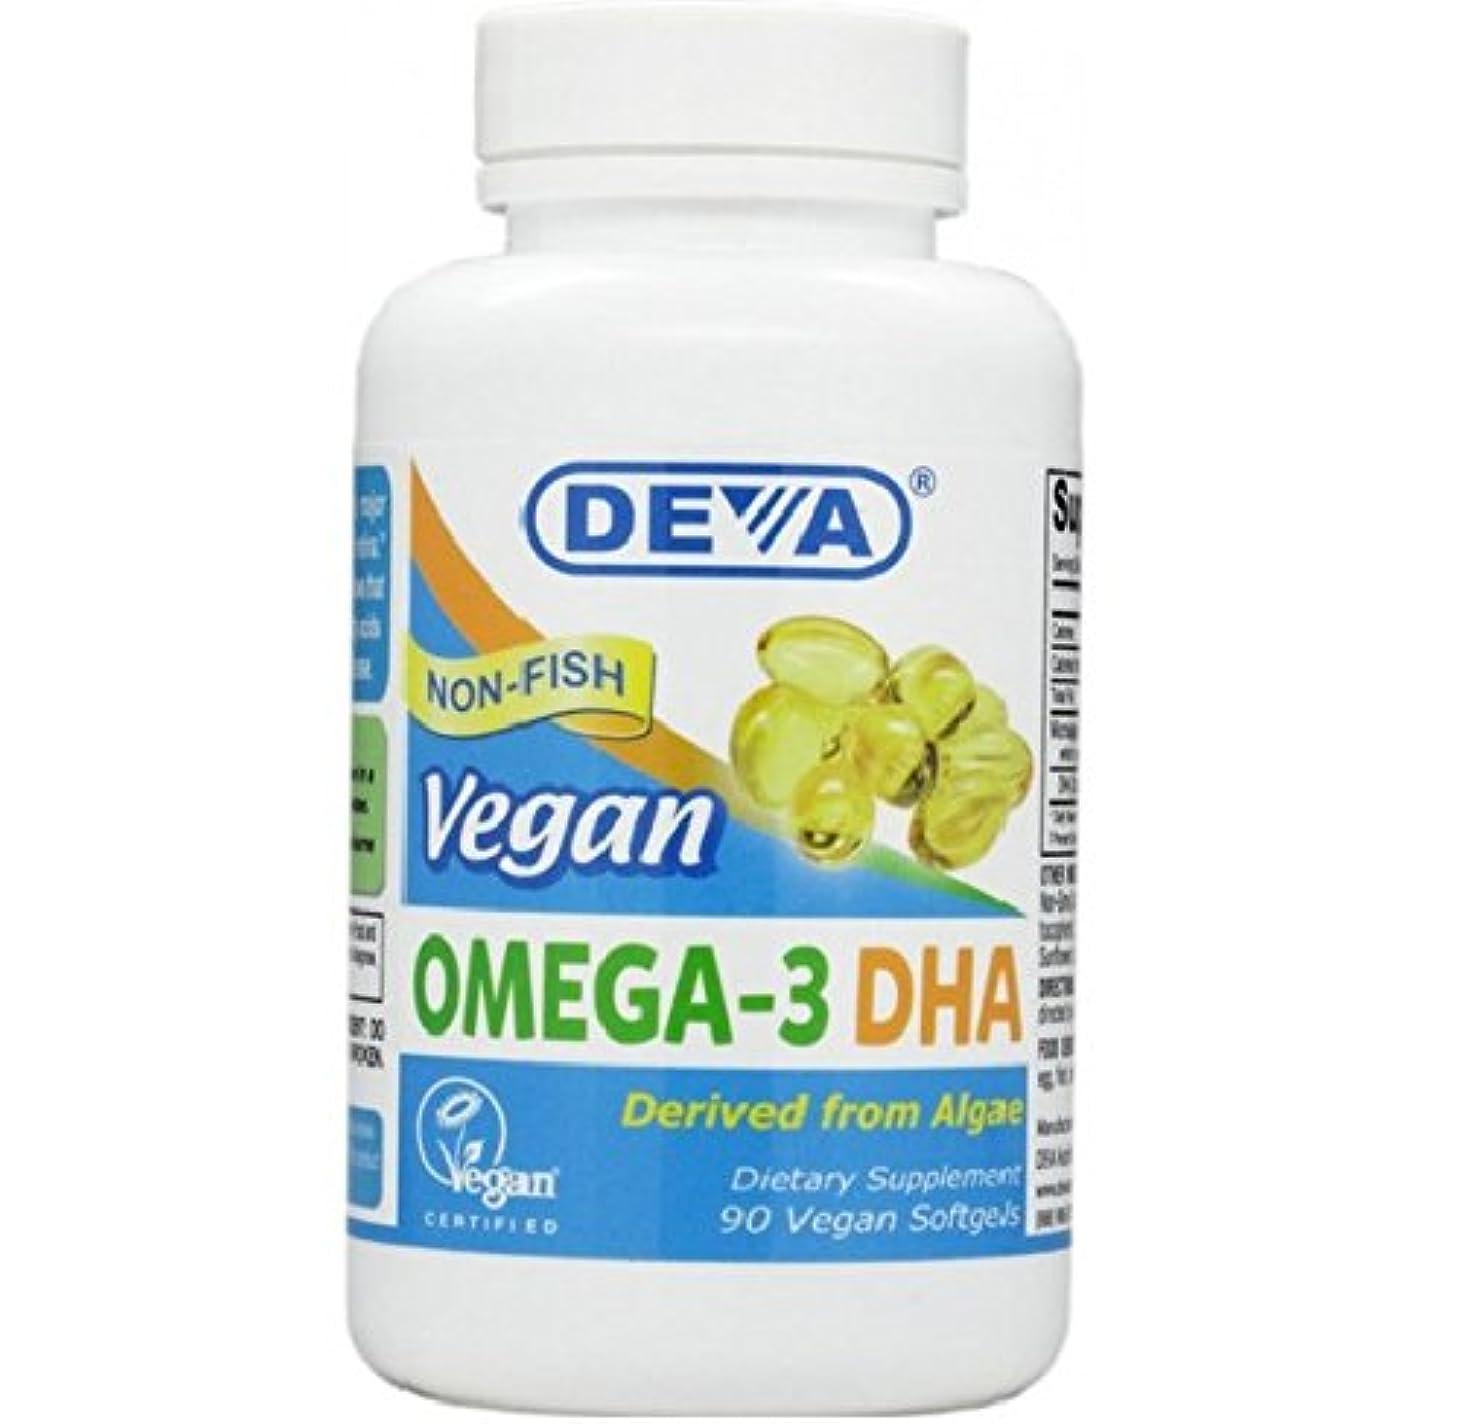 プロフェッショナルパンモディッシュ海外直送肘 Omega-3 DHA, 90 SGEL